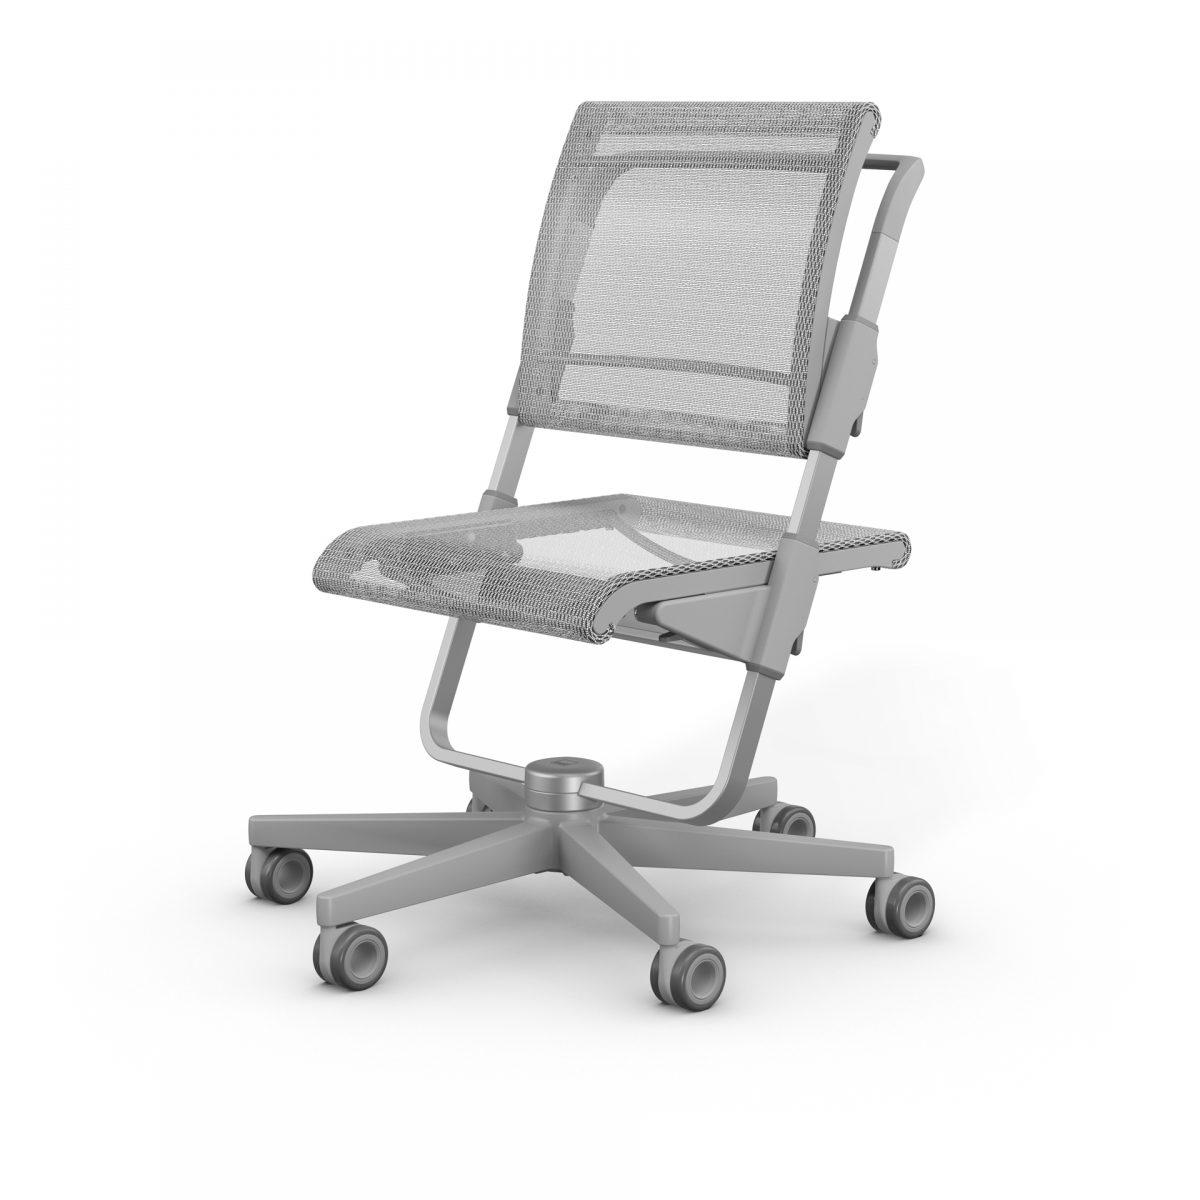 luxusni nastavitelna ergonomicka zidle Moll S6 seda - Delso - dětský, kancelářský a bytový nábytek